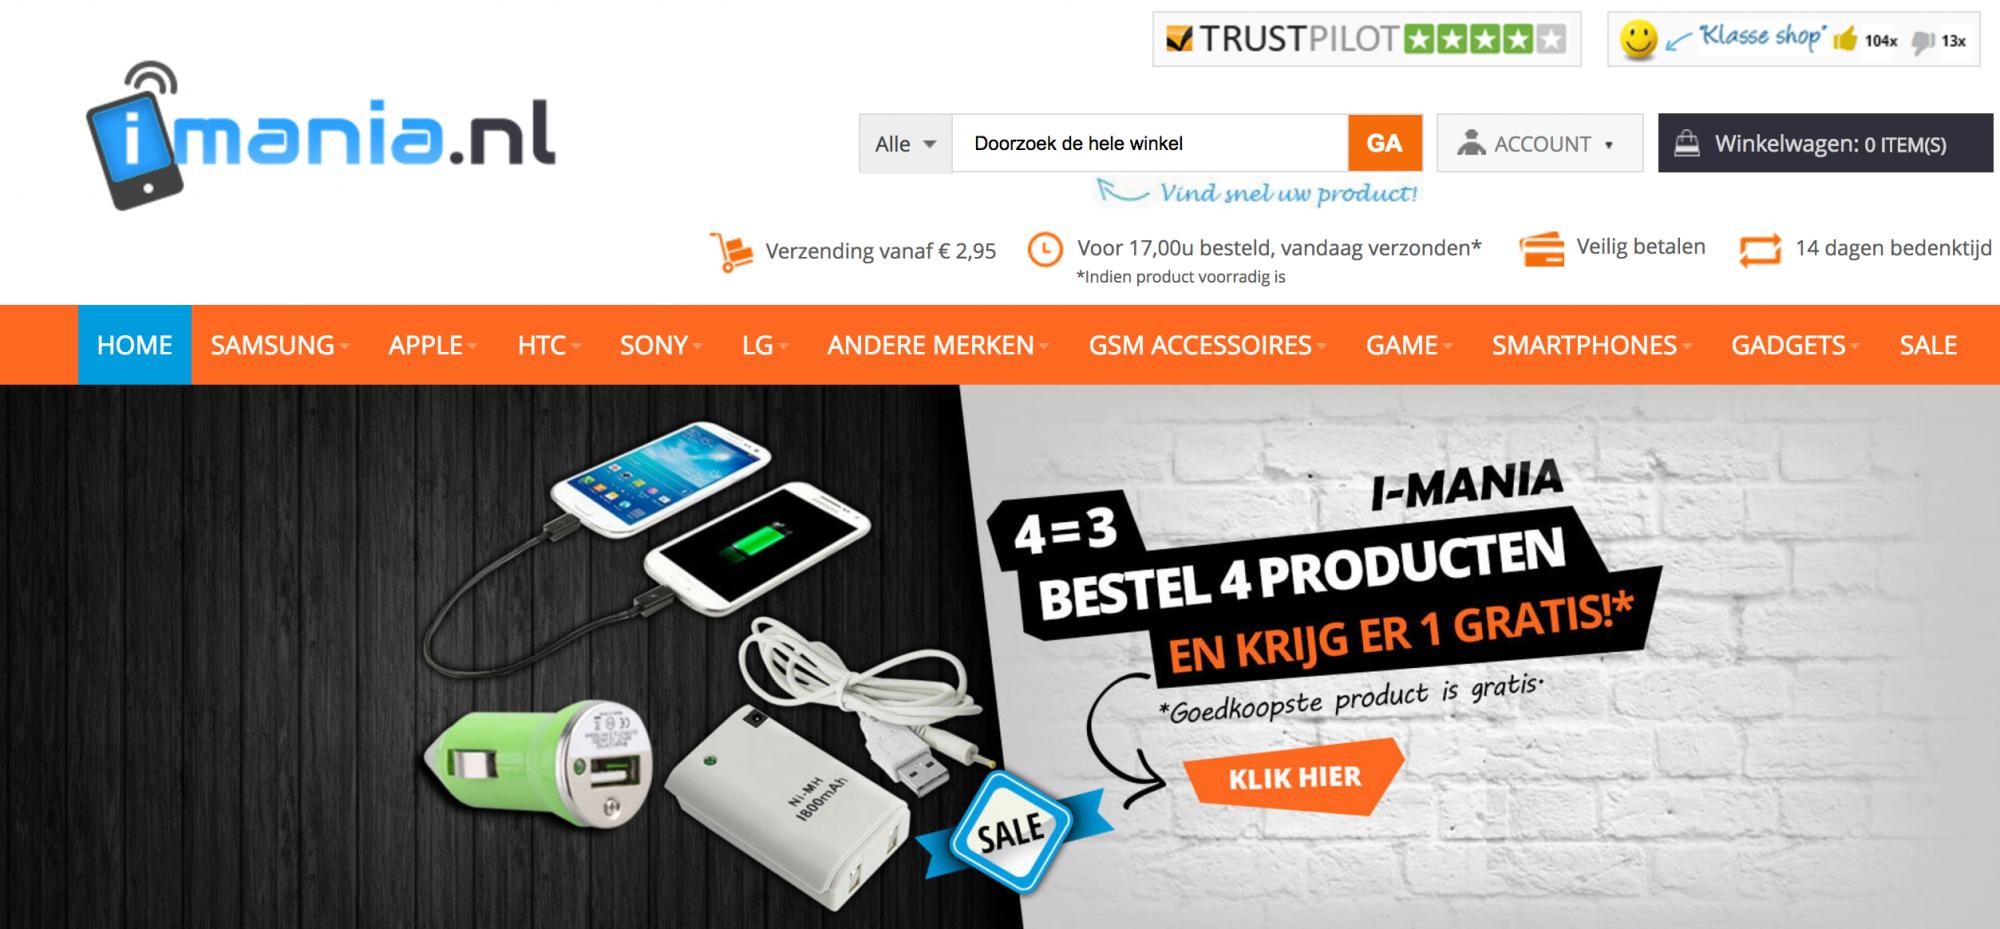 Webshop i mania.nl is zeker geen GadgetGear.nl